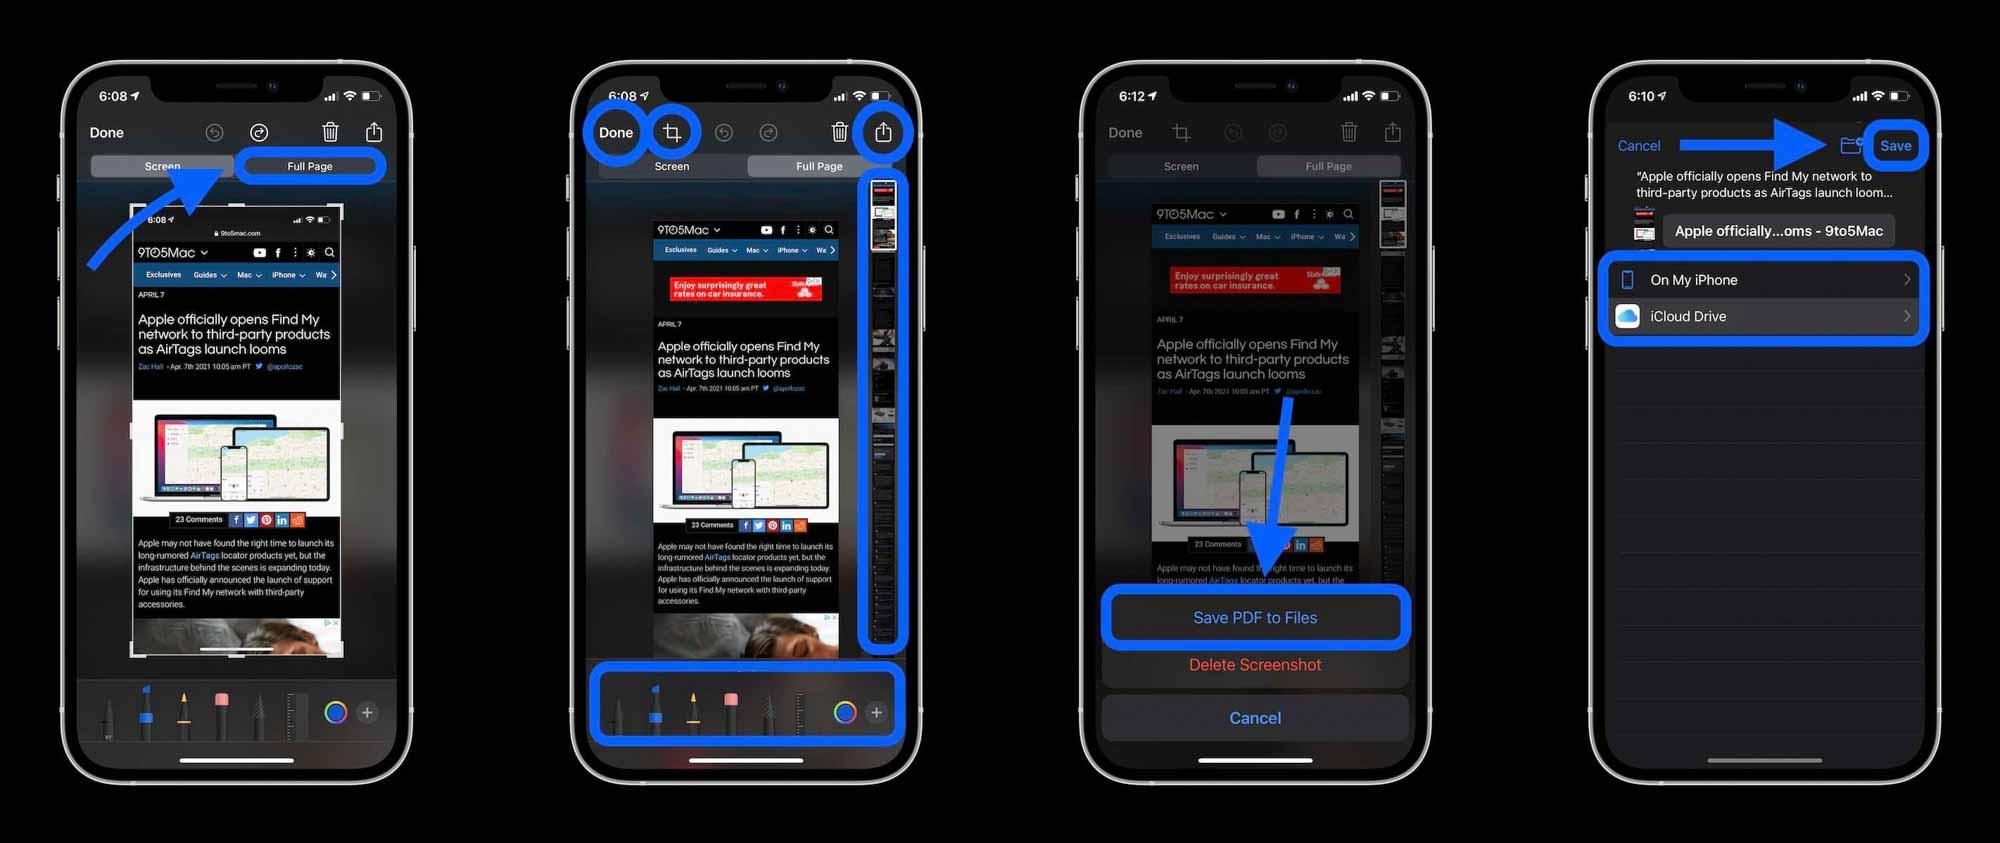 Как сделать снимок экрана с прокруткой на iPhone, пошаговое руководство